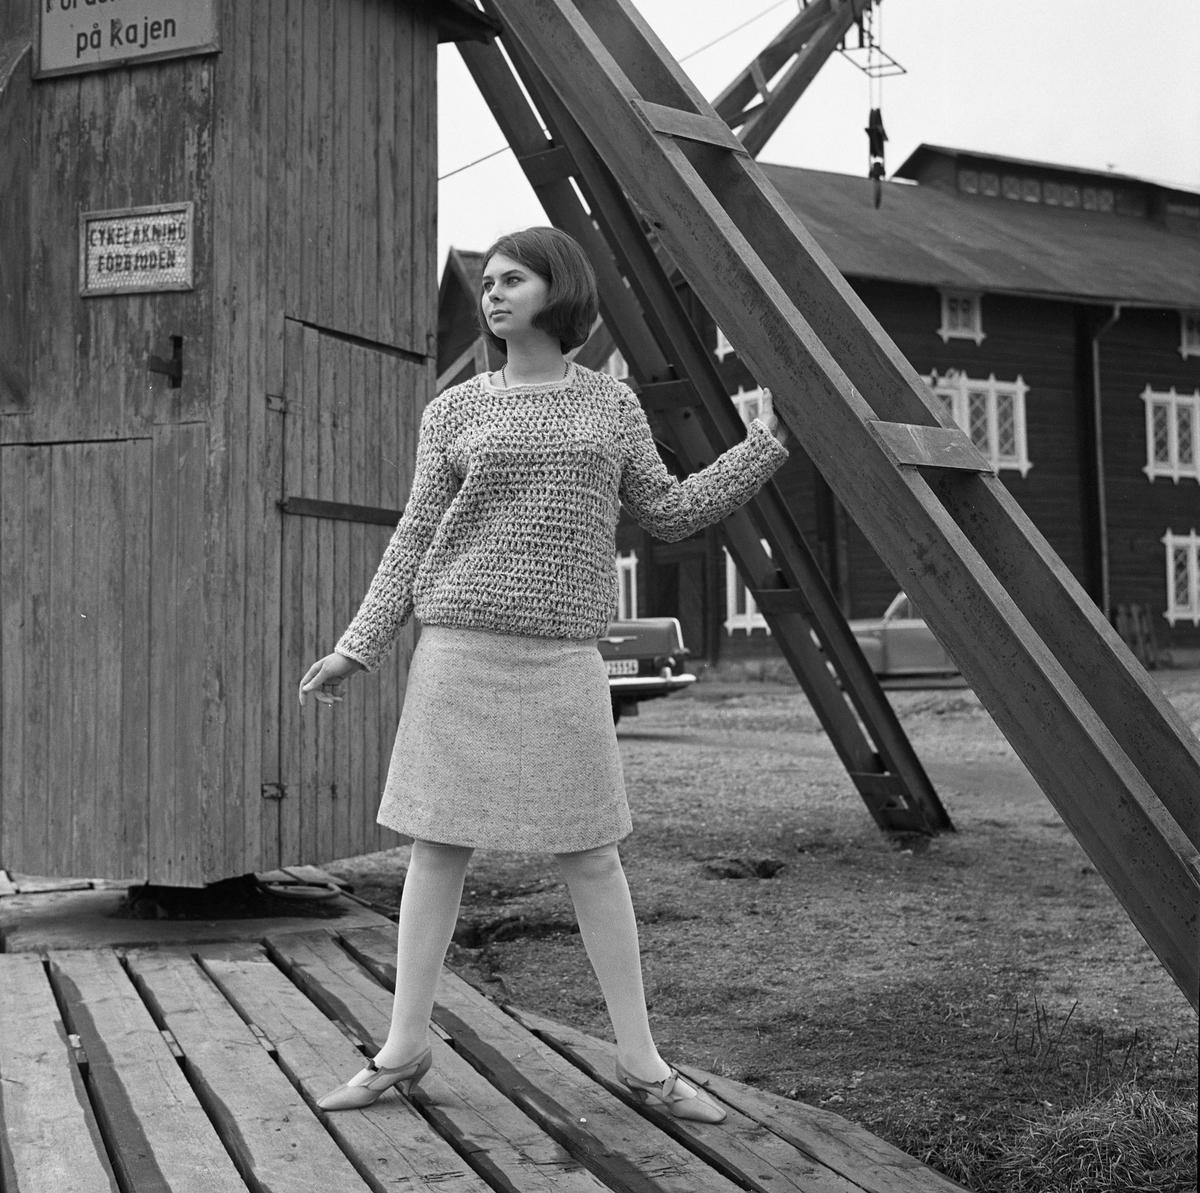 Ateljé Touche. En ung kvinna visar mode; jumper och kjol. Bilden är tagen i hamnen med hamnmagasin i bakgrunden.